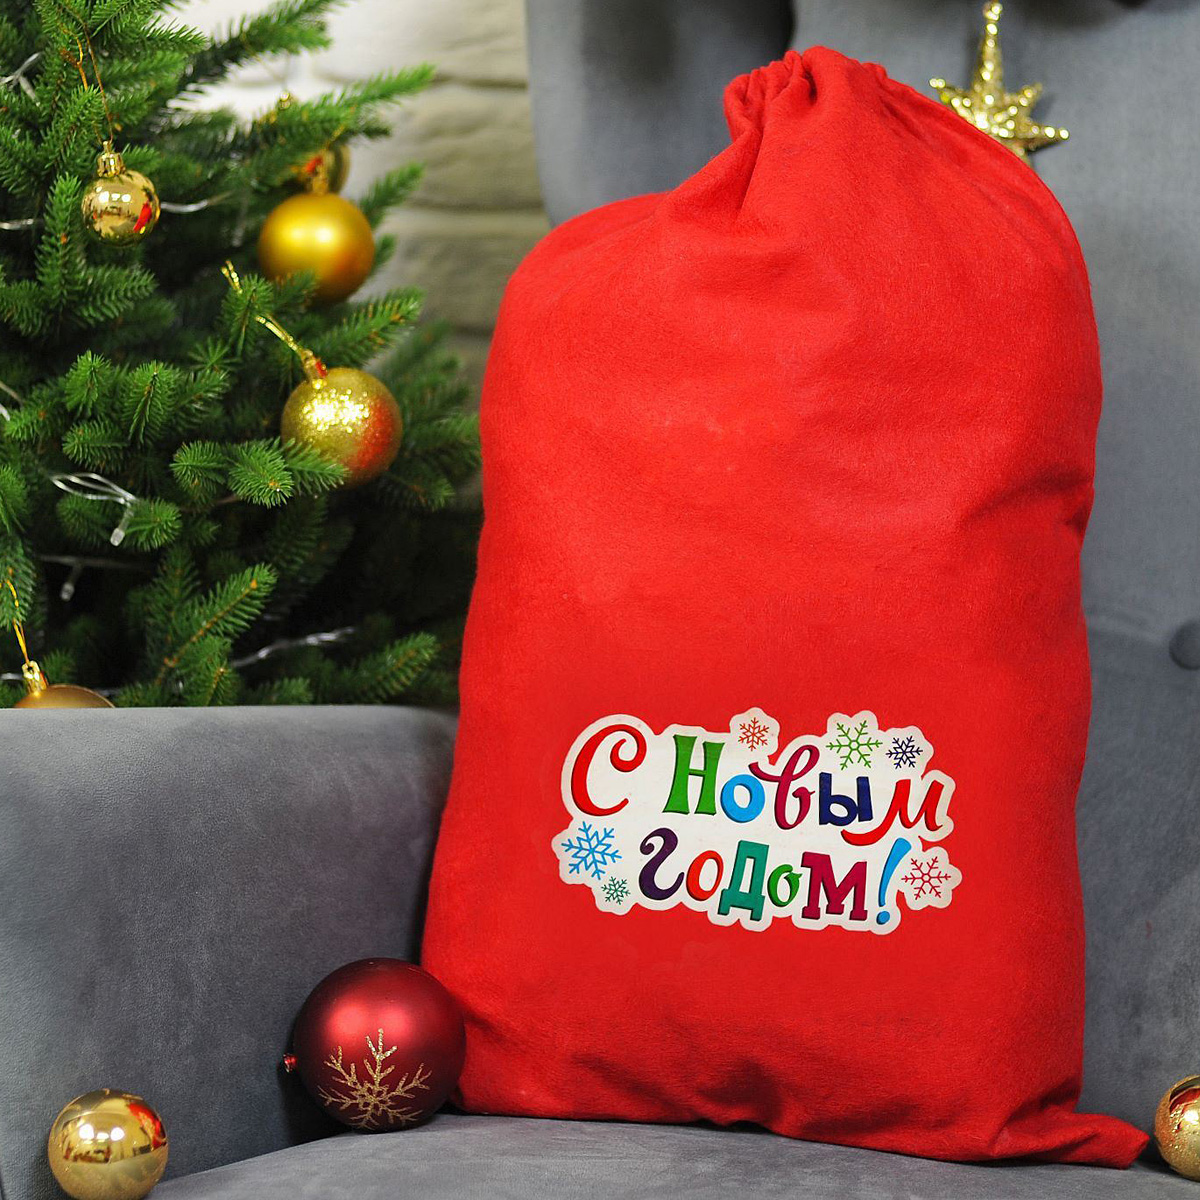 Упаковка подарочная Страна Карнавалия Мешок Деда Мороза. С Новым Годом. Снежинки, цвет: красный, 40 х 60 см1365013Подарочная упаковка Страна Карнавалия Мешок Деда Мороза. С Новым Годом. Снежинки превратит любое торжество в настоящий яркий и веселый карнавал полный сюрпризов и смеха. Яркий красный аксессуар с надписью дополнит любой праздничный наряд, и все близкие будут рады получить из рук краснощекого персонажа заслуженный подарок!Размер: 40 х 60 см.